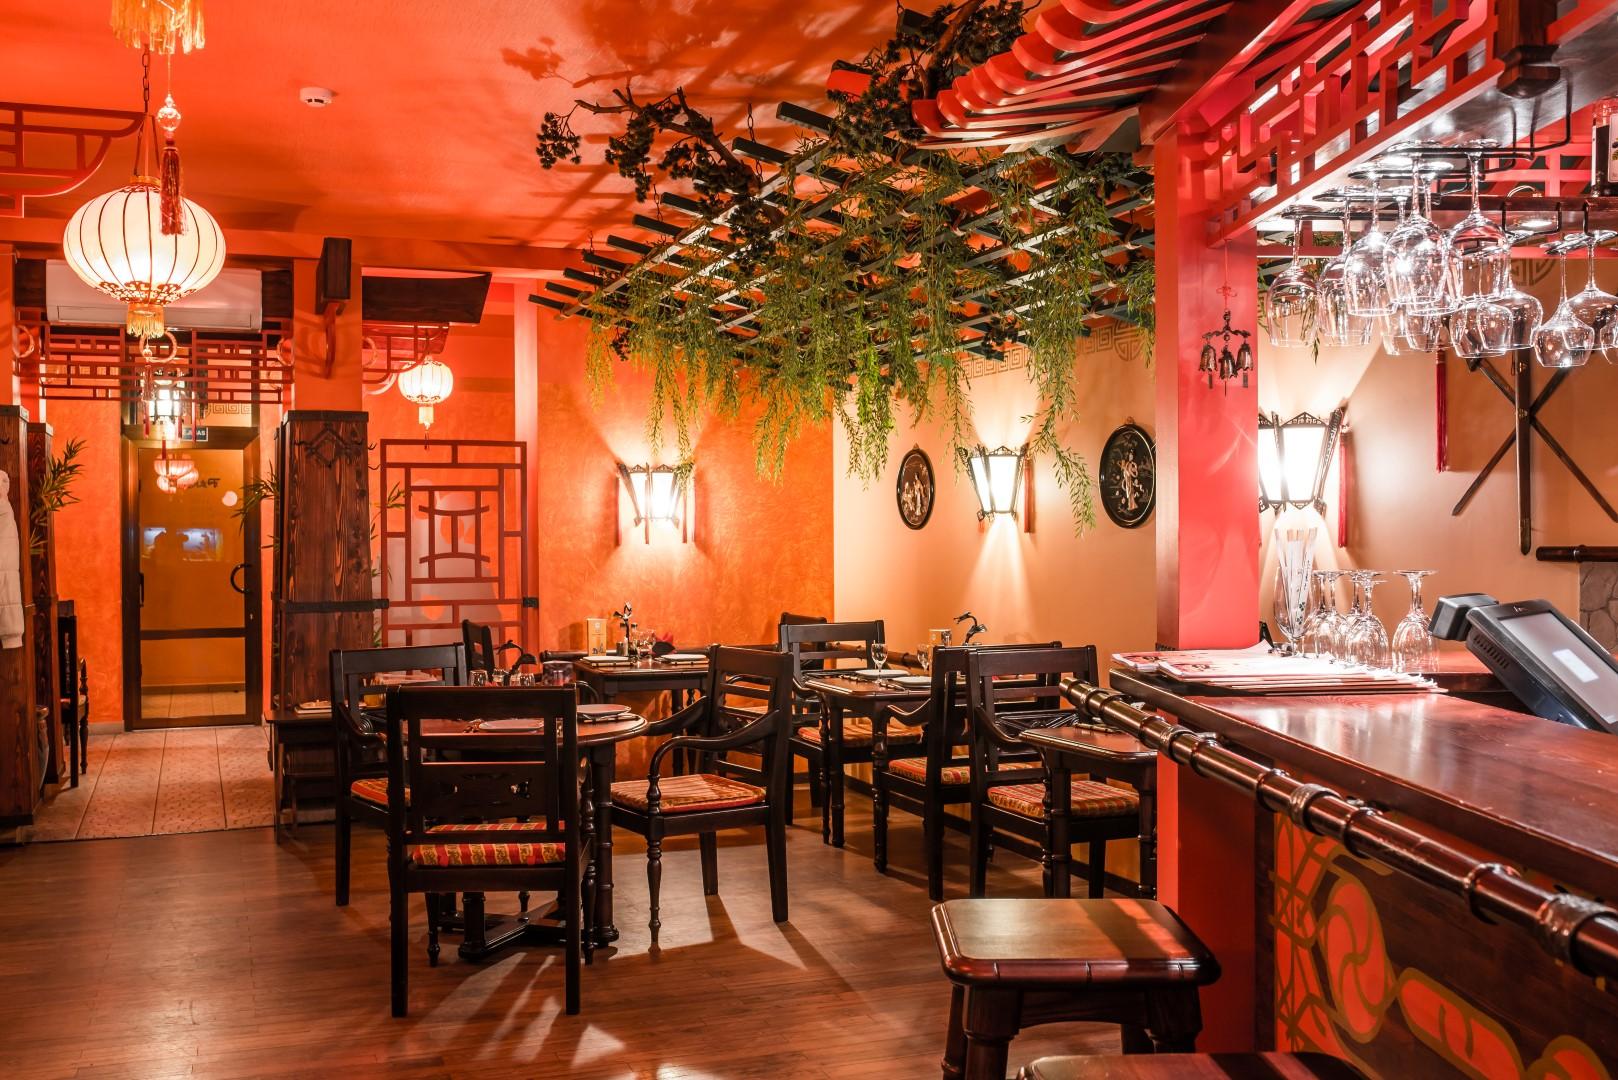 Kinų restoranas Pekinas Mažeikiuose